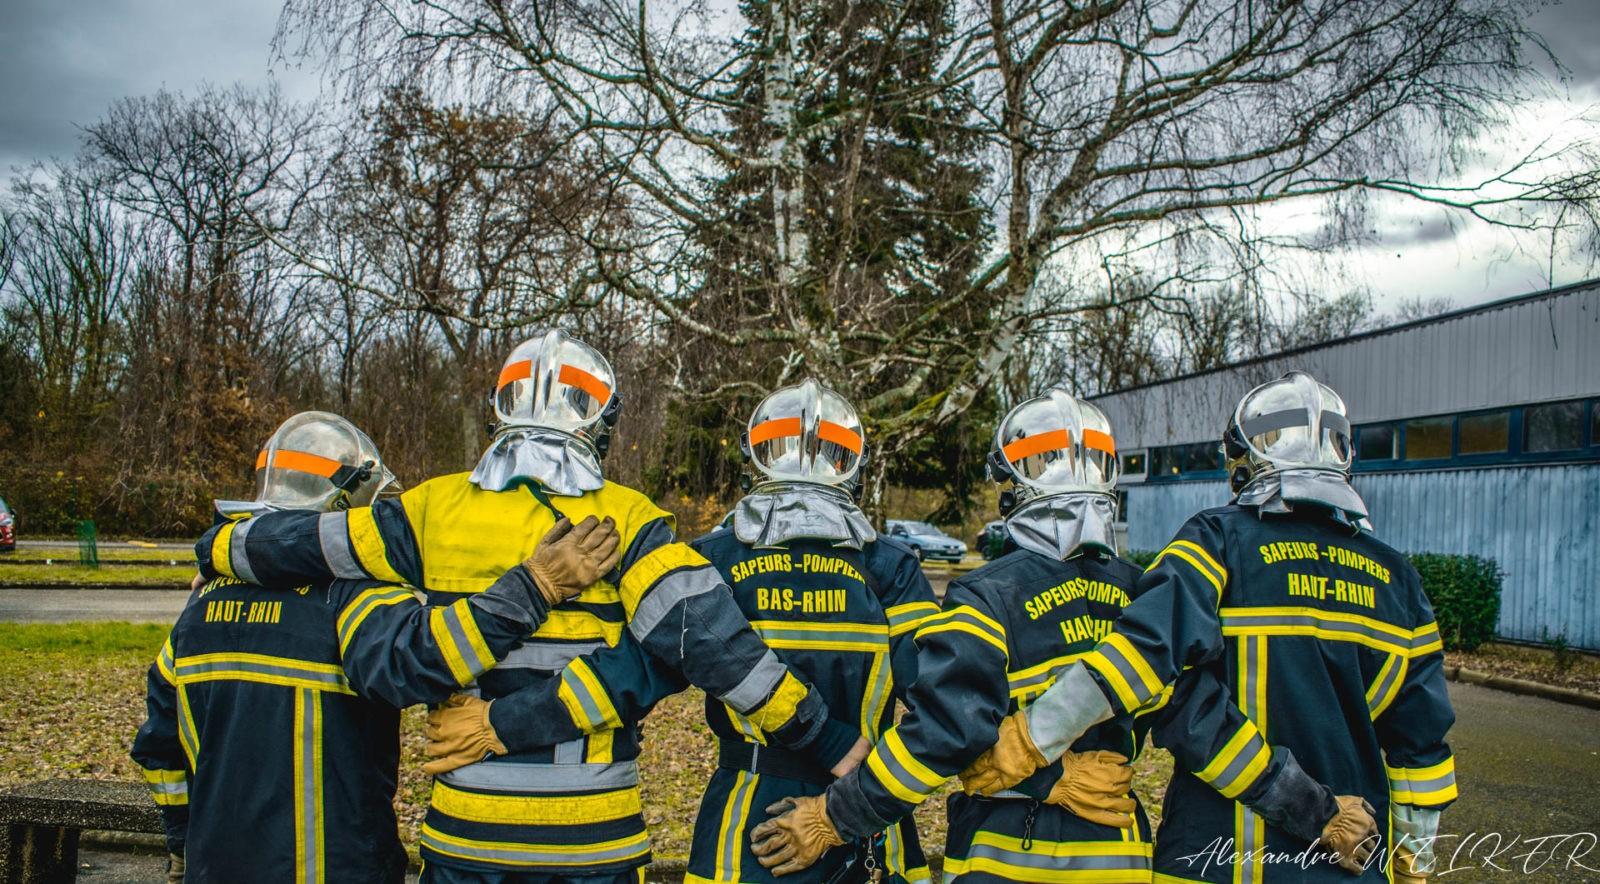 Futurs sapeurs-pompiers ?